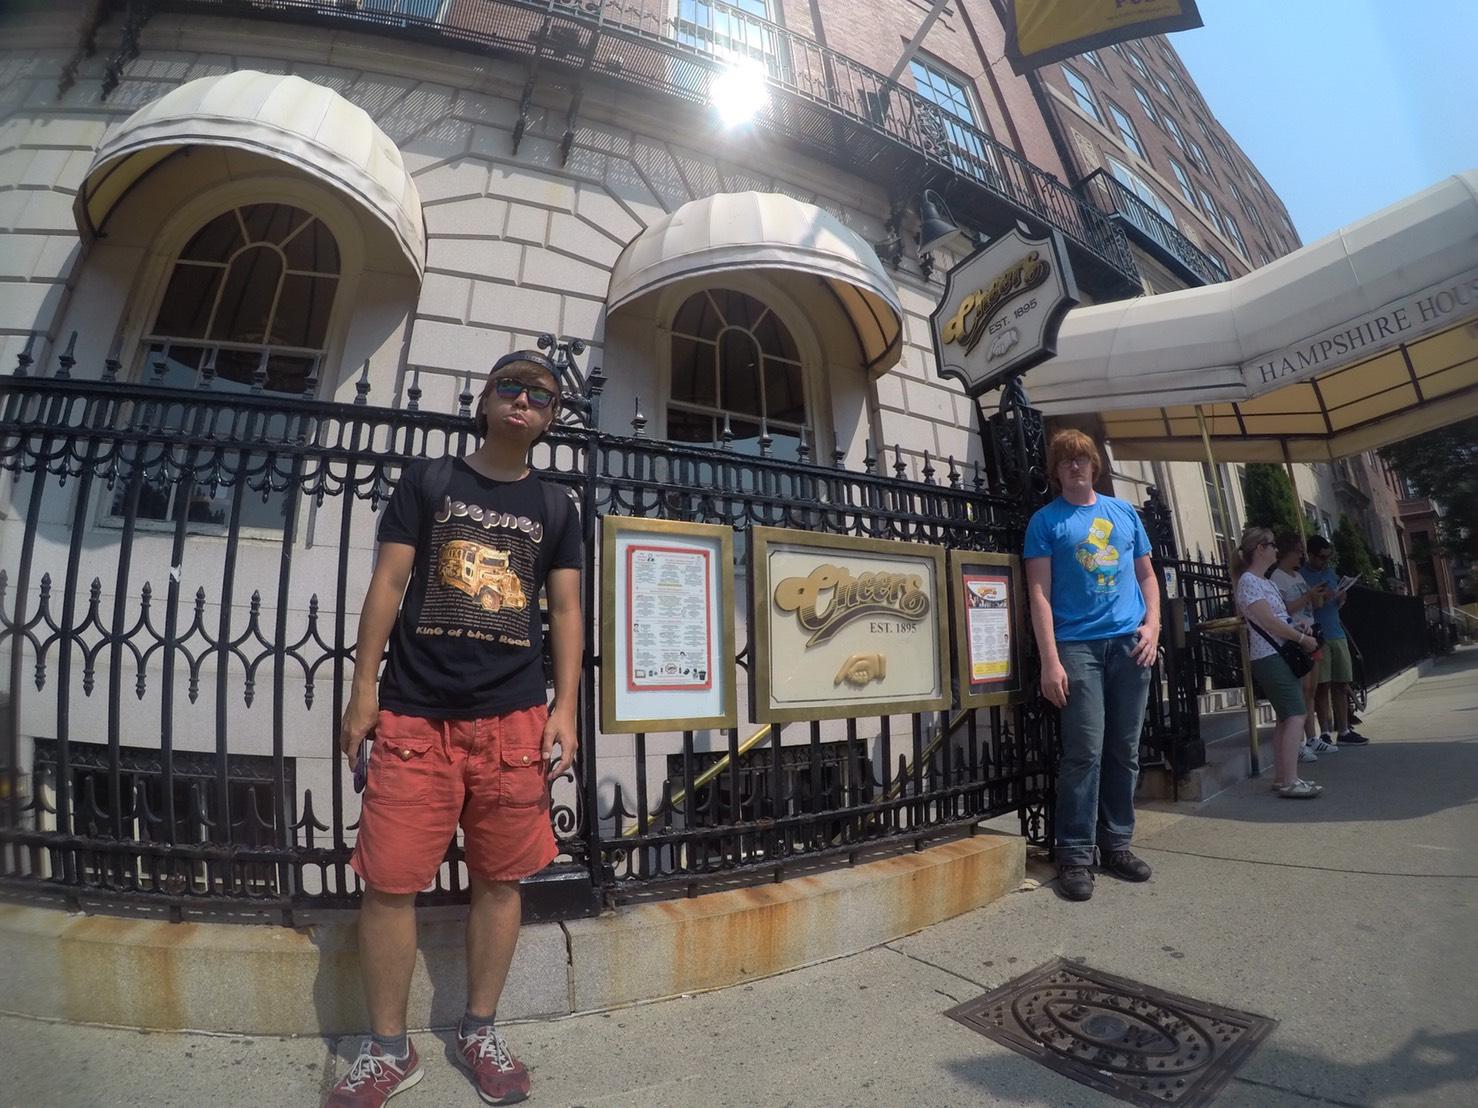 アメリカ横断中にボストンに行った話